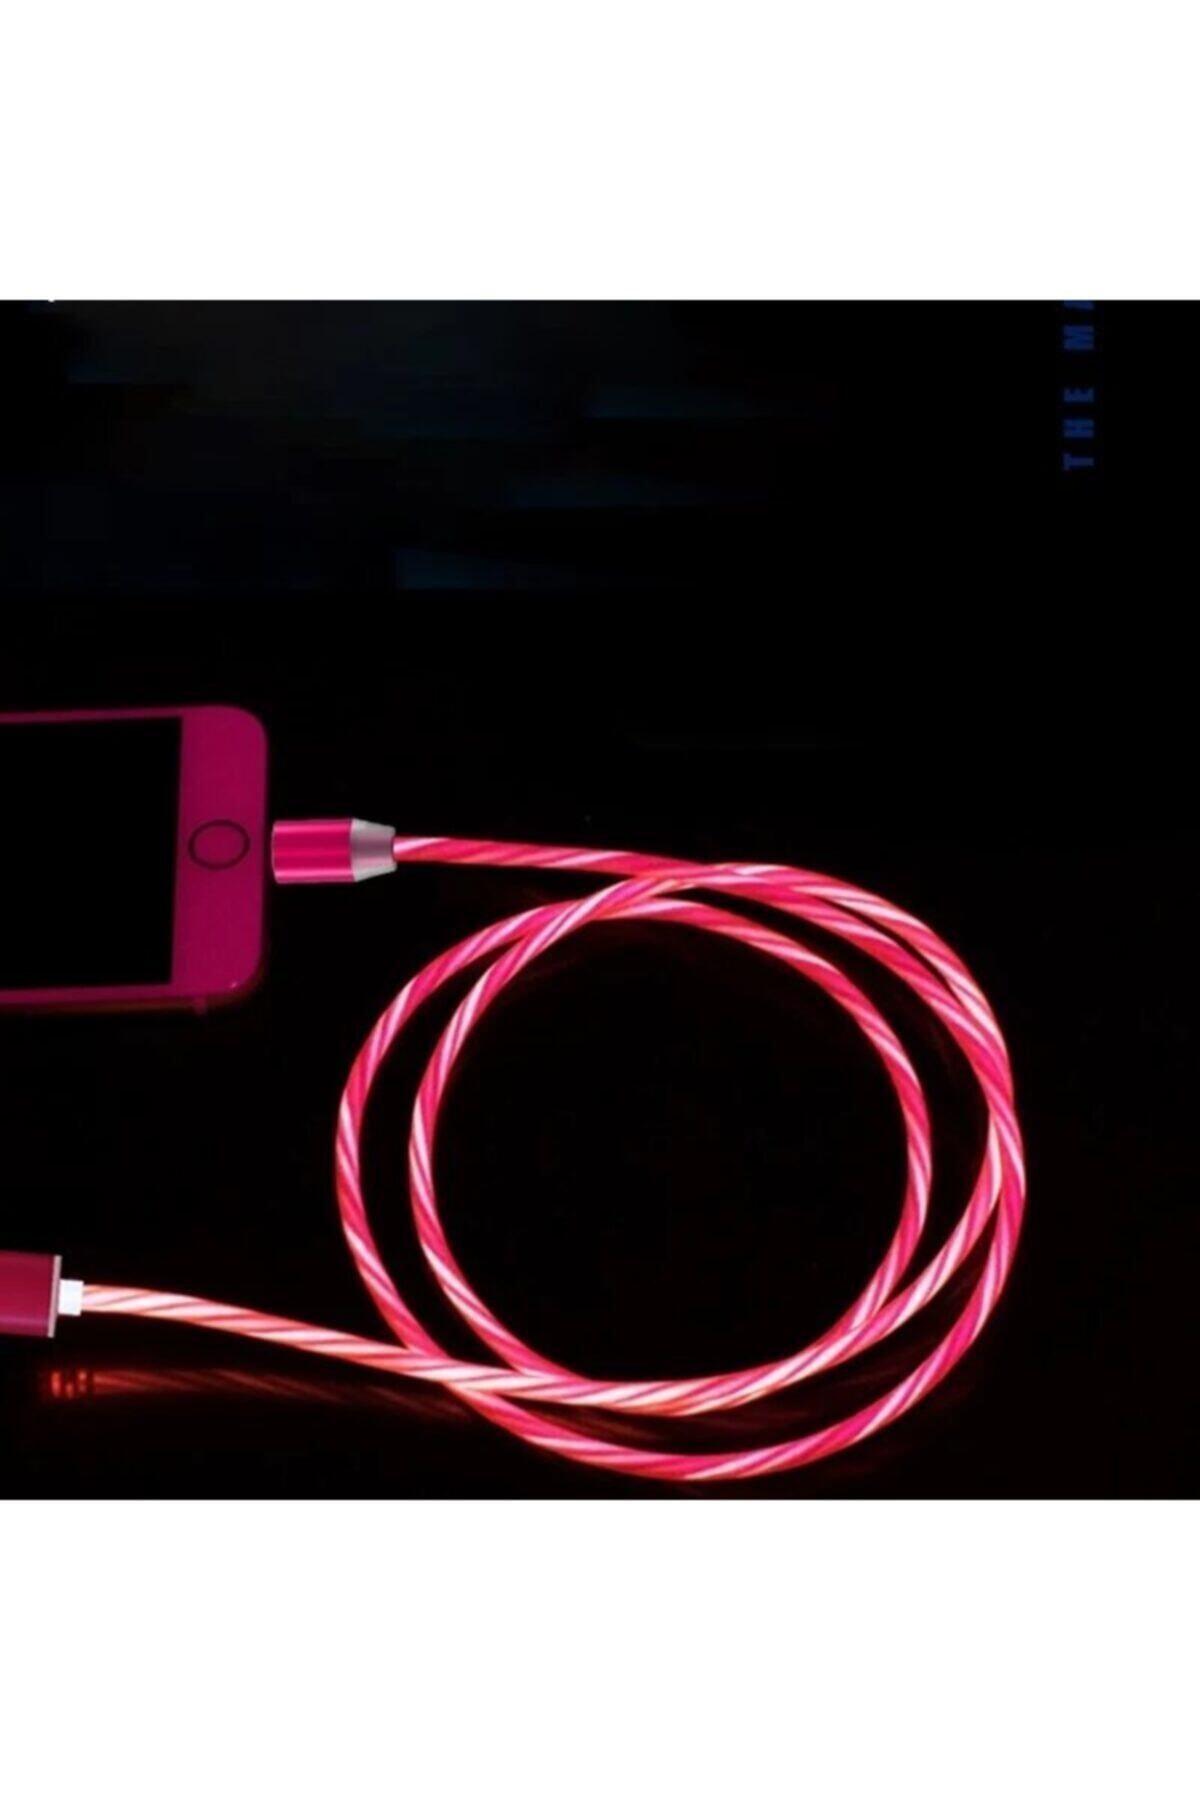 Elmas Type C Full Işıklı Hareketli Manyetik Mıknatıslı Şarj Aleti Sarj Kablosu Kırmızı Işıklı 1